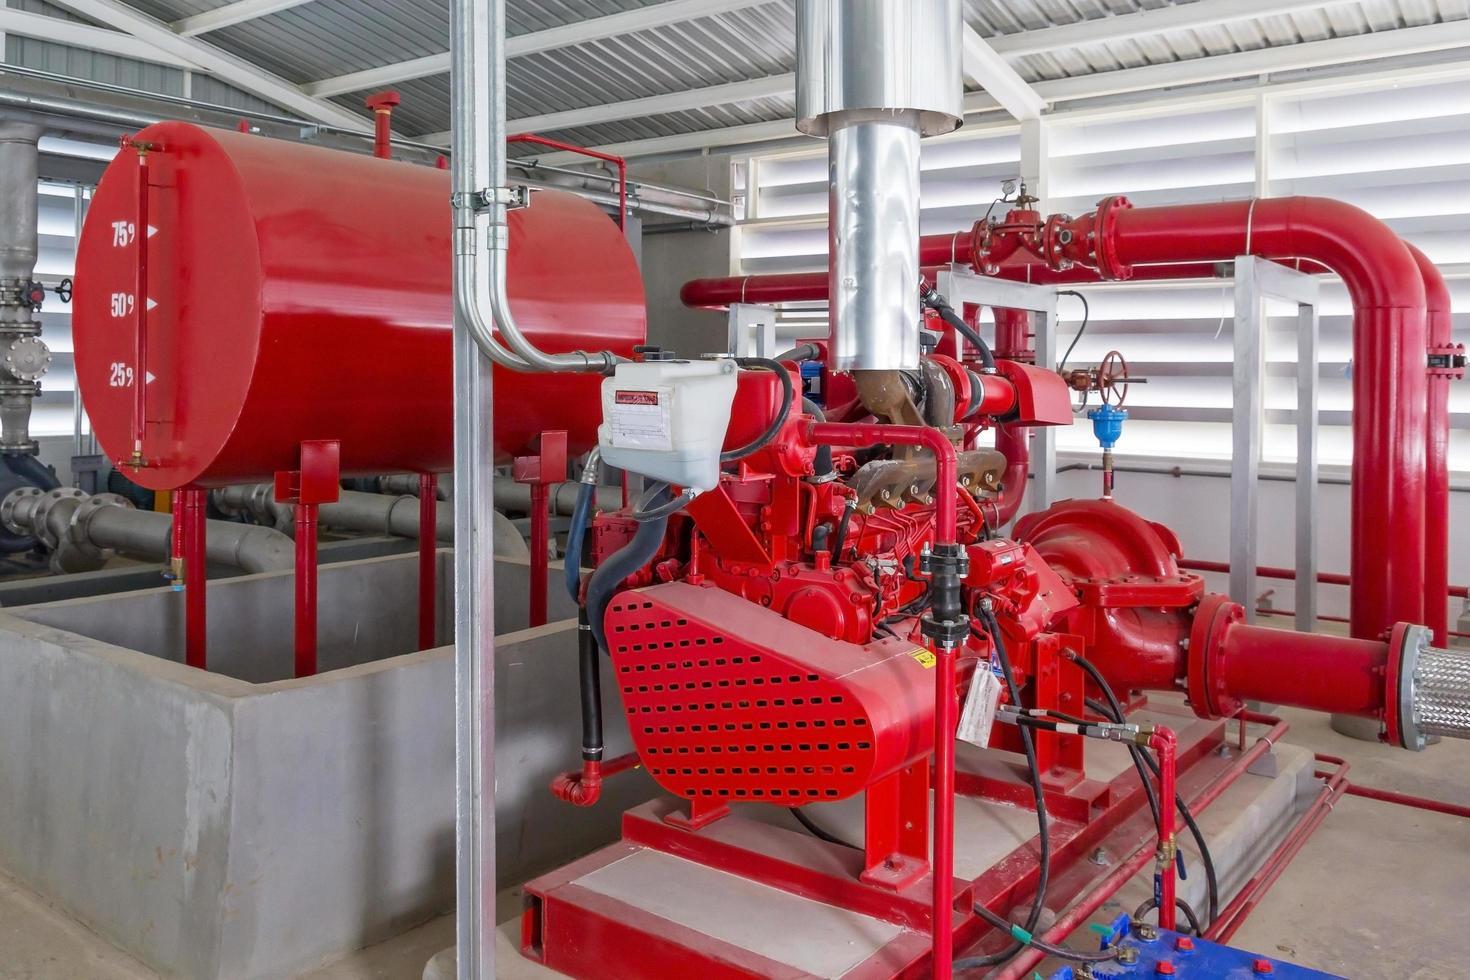 pompa del generatore rossa per tubazioni di irrigazione dell'acqua e sistema di controllo dell'allarme antincendio foto